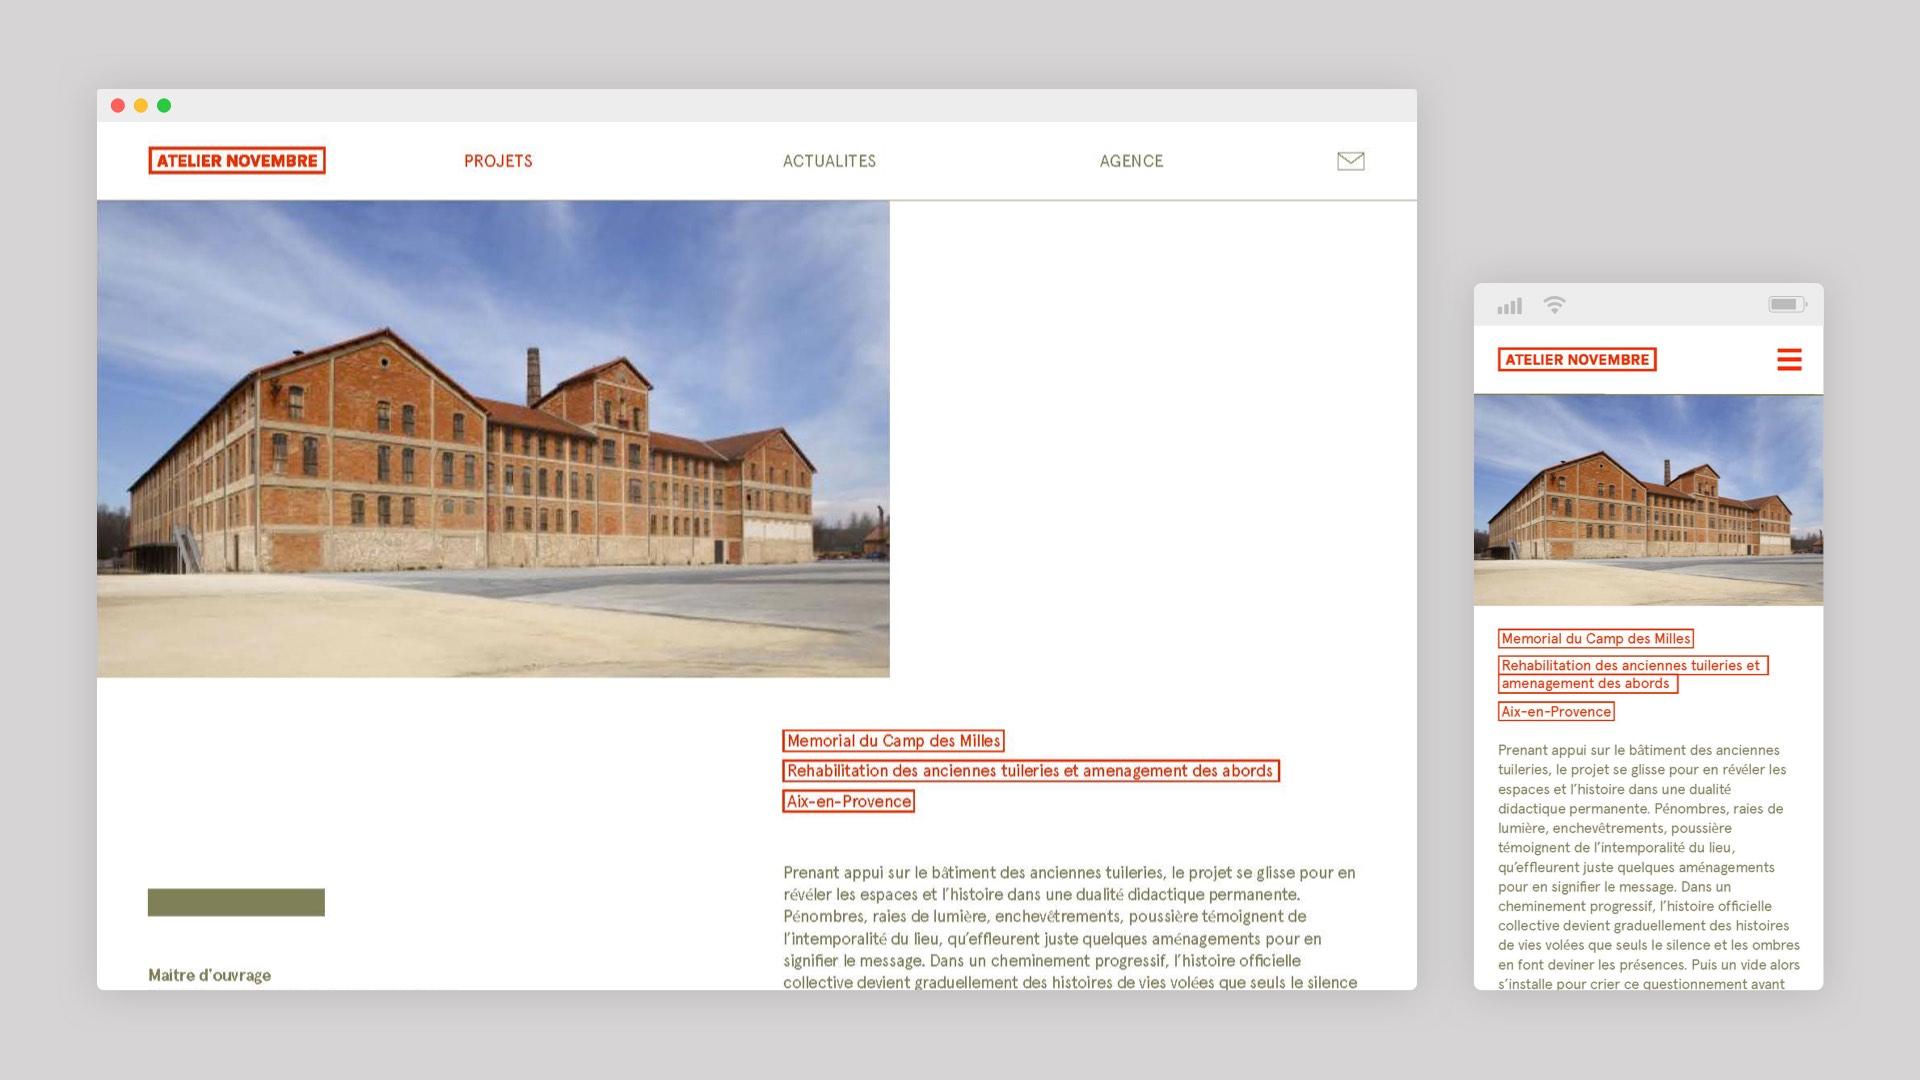 Paul Pajot Atelier Novembre Architecture 4